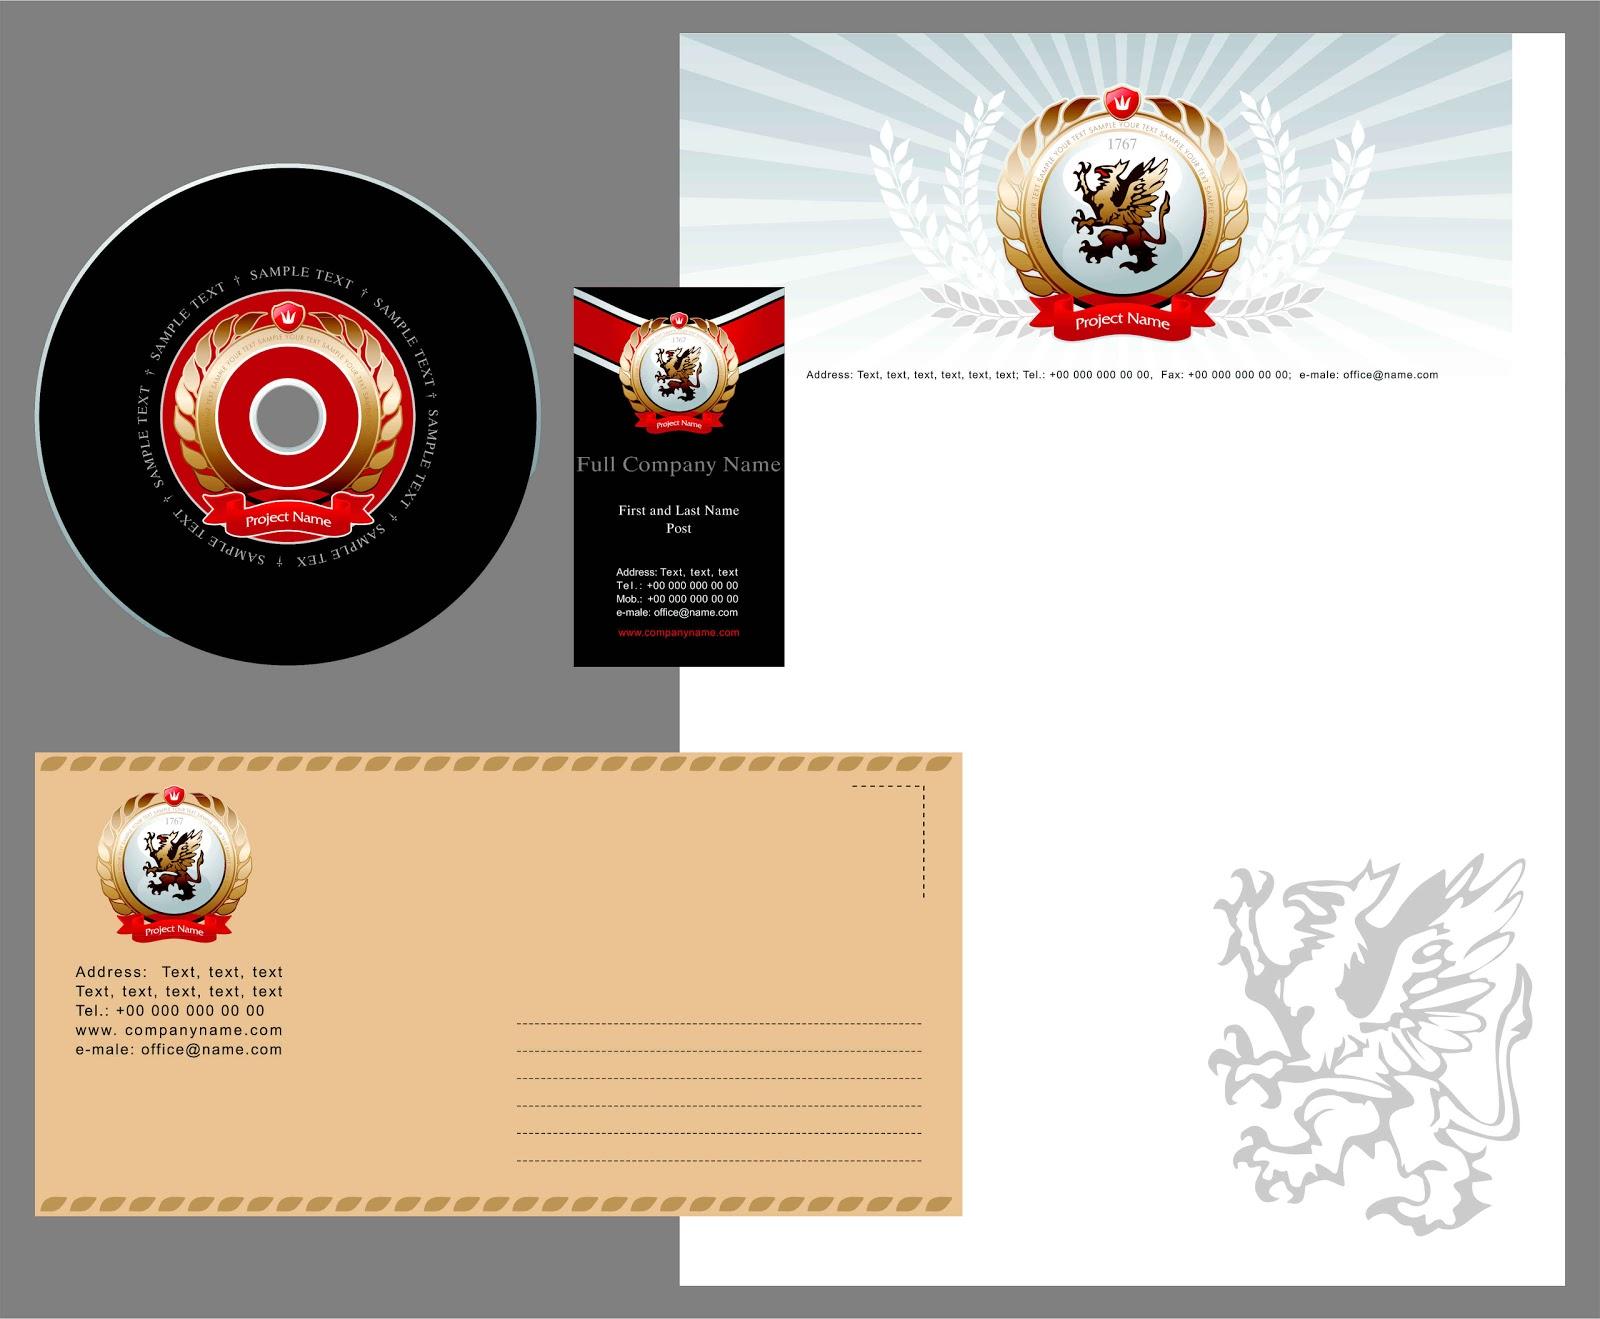 Template kartu nama plus kop surat, lop &; label cd